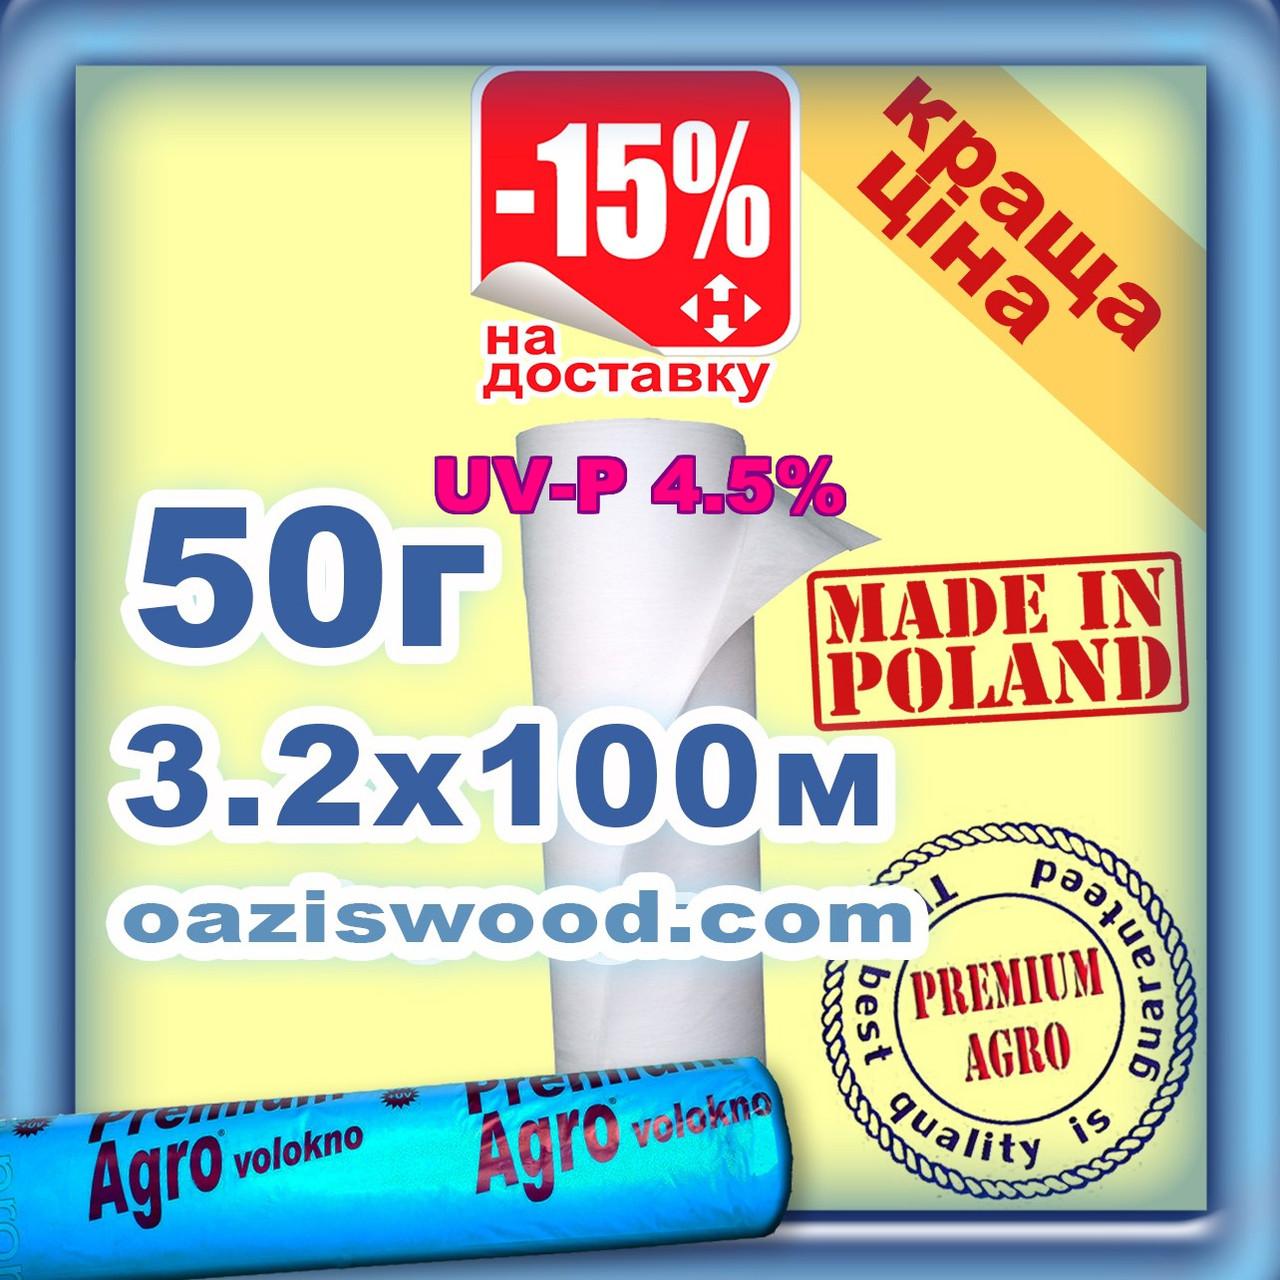 Агроволокно р-50g 3,2*100м белое UV-P 4.5% Premium-Agro Польша